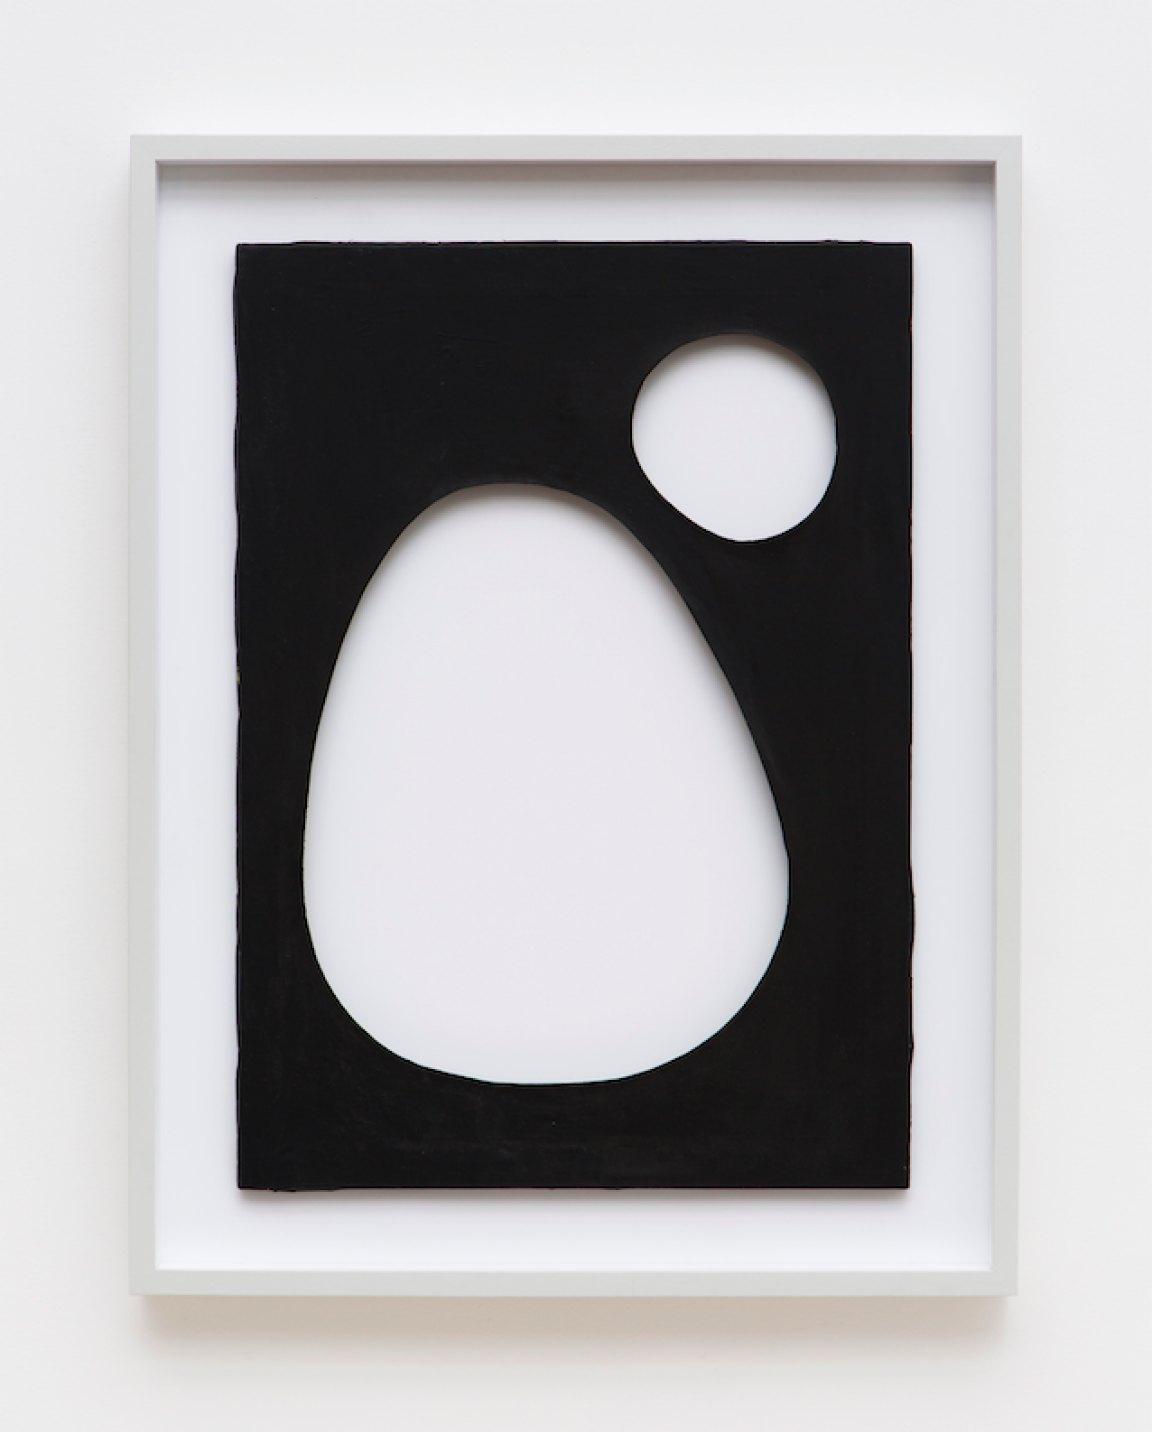 Dadamaino,<em>untitled,</em> from<em>Volumi</em>series,1959,water-based ink on canvas,70 ×60 cm - Mendes Wood DM